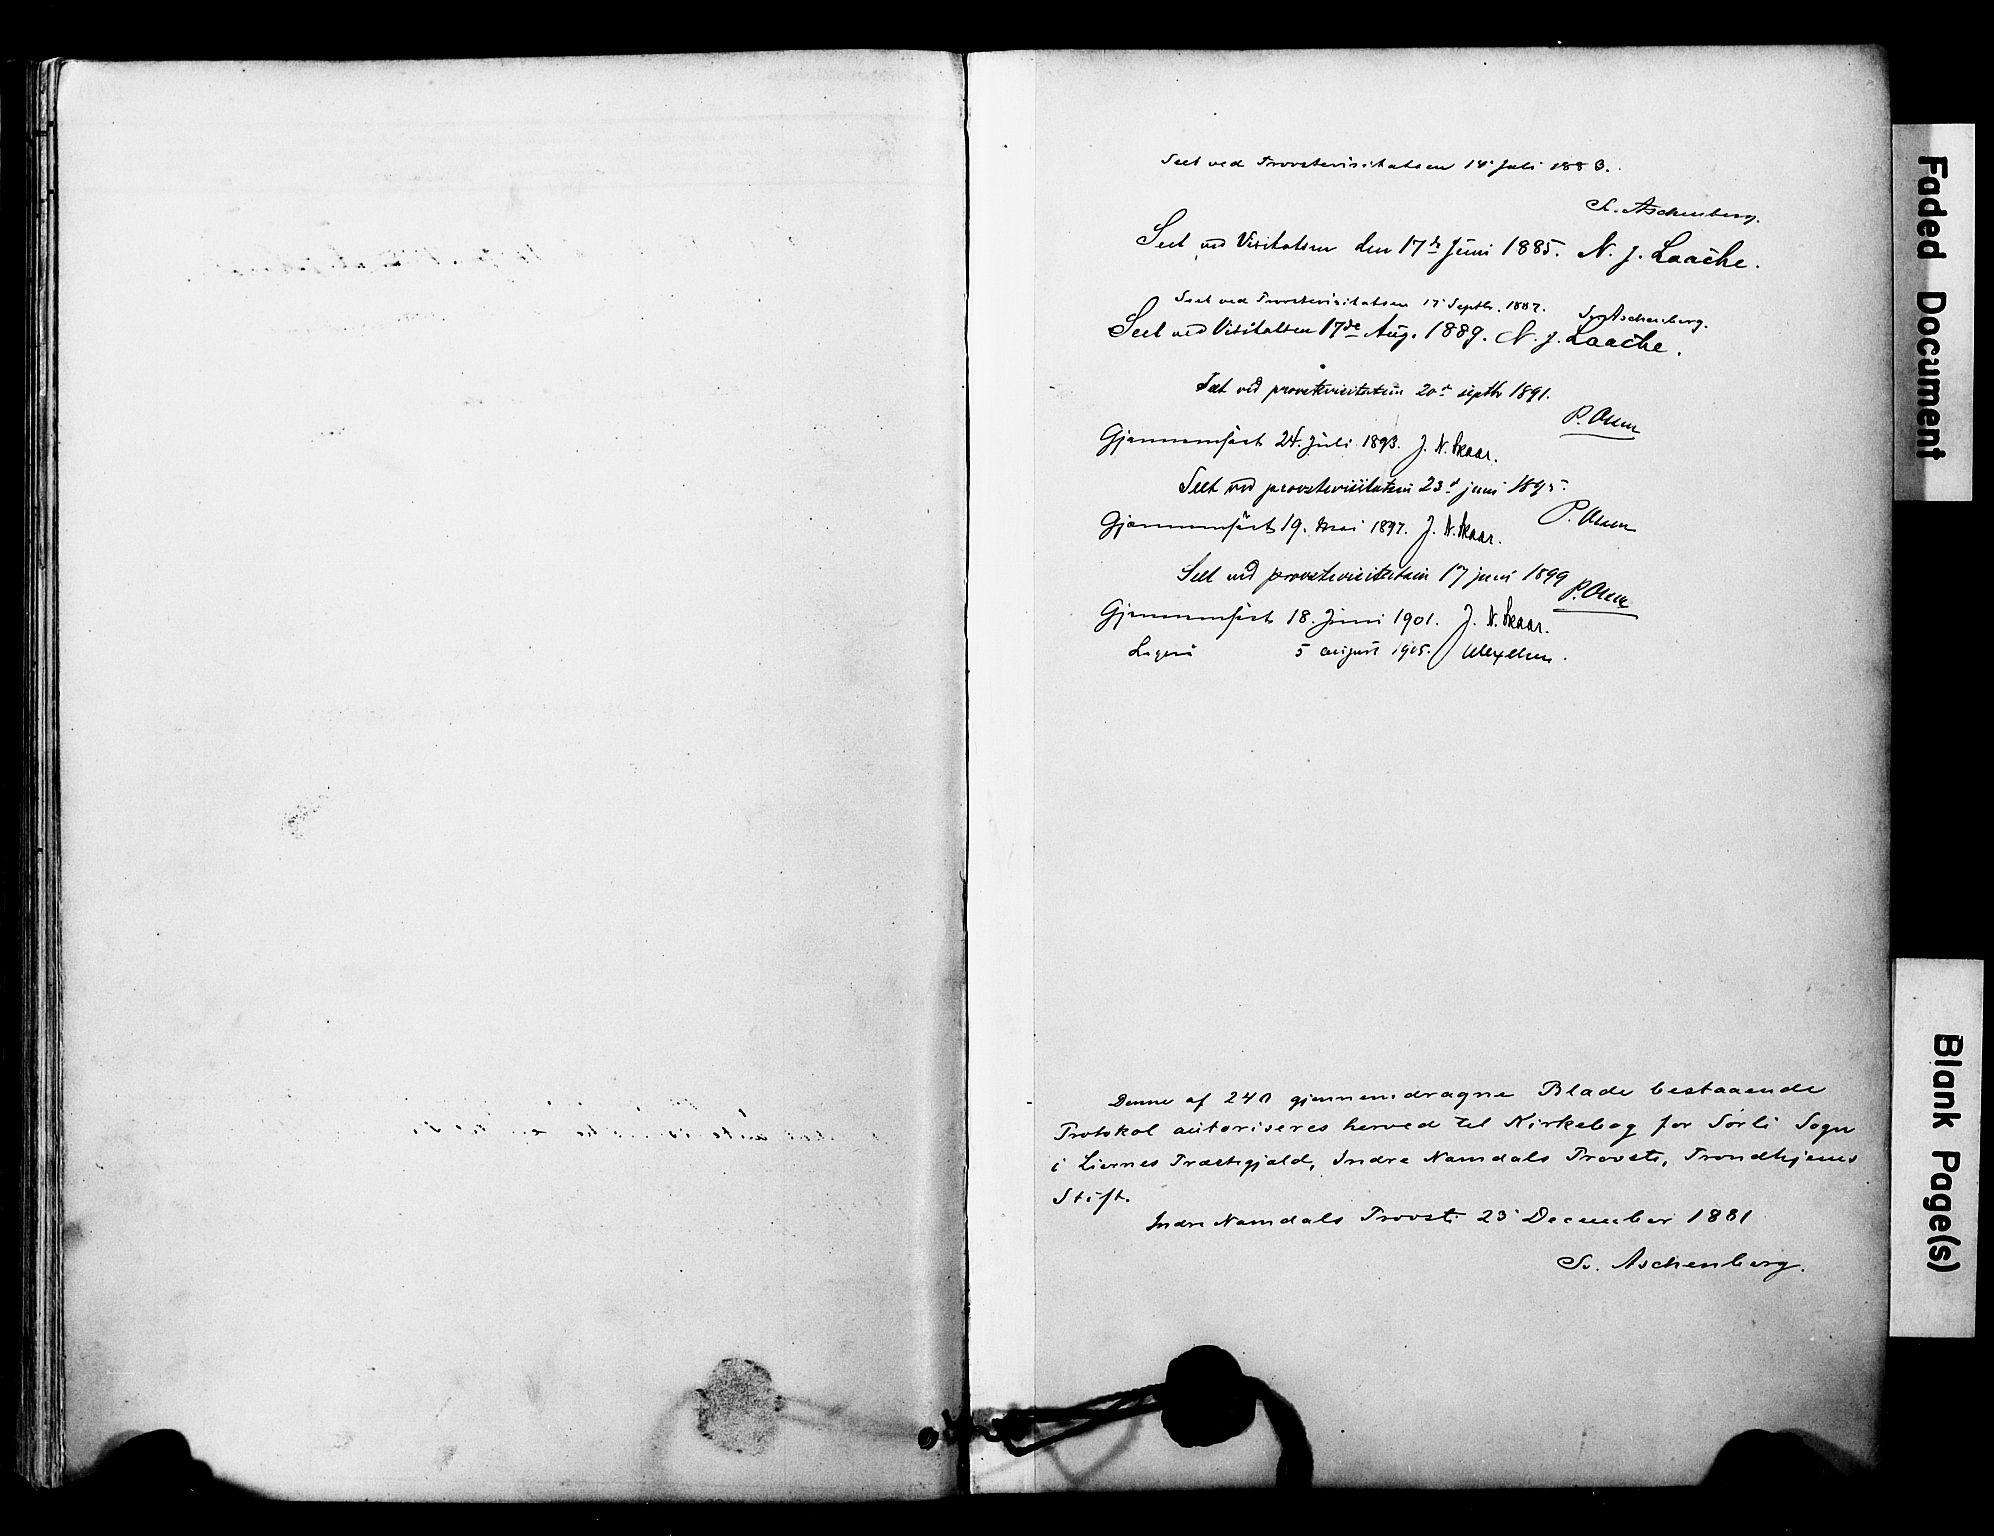 SAT, Ministerialprotokoller, klokkerbøker og fødselsregistre - Nord-Trøndelag, 757/L0505: Ministerialbok nr. 757A01, 1882-1904